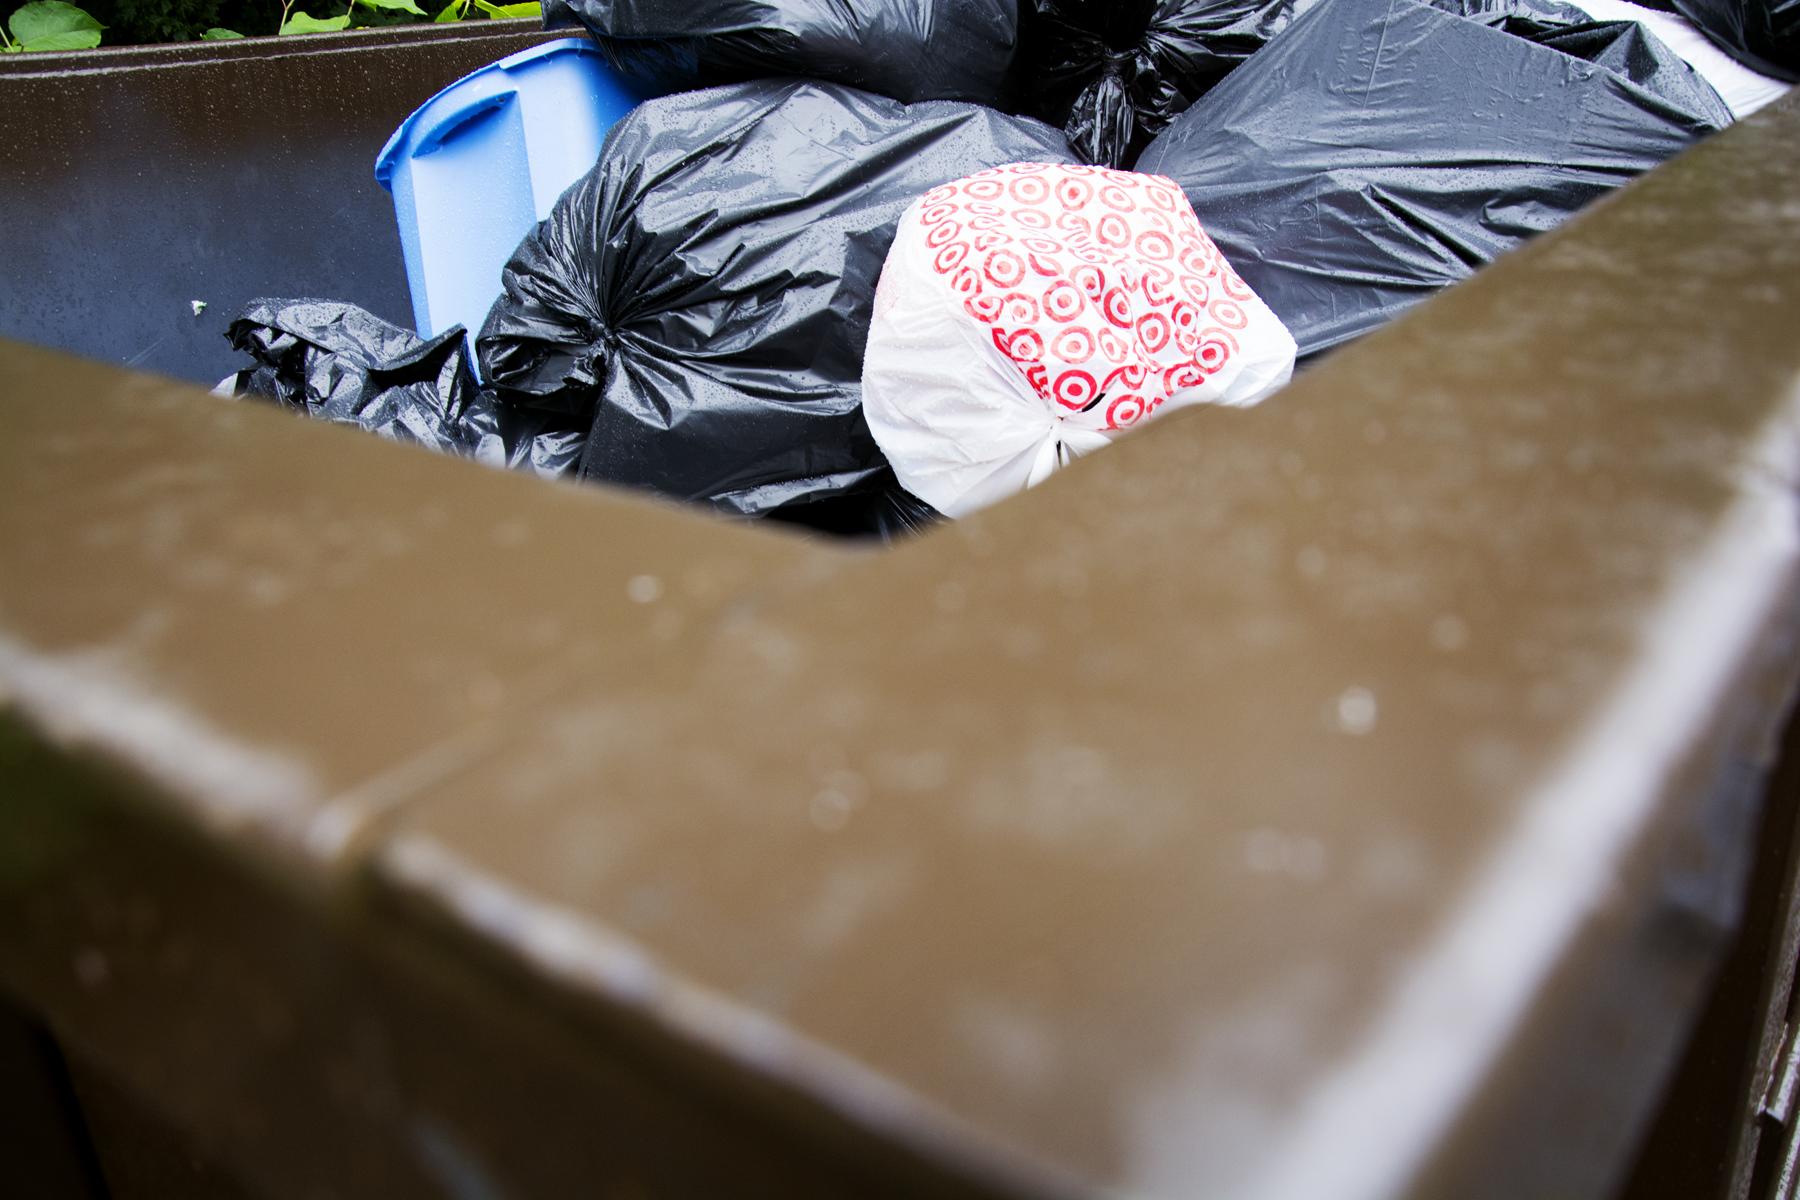 dumpster_E159330.jpg